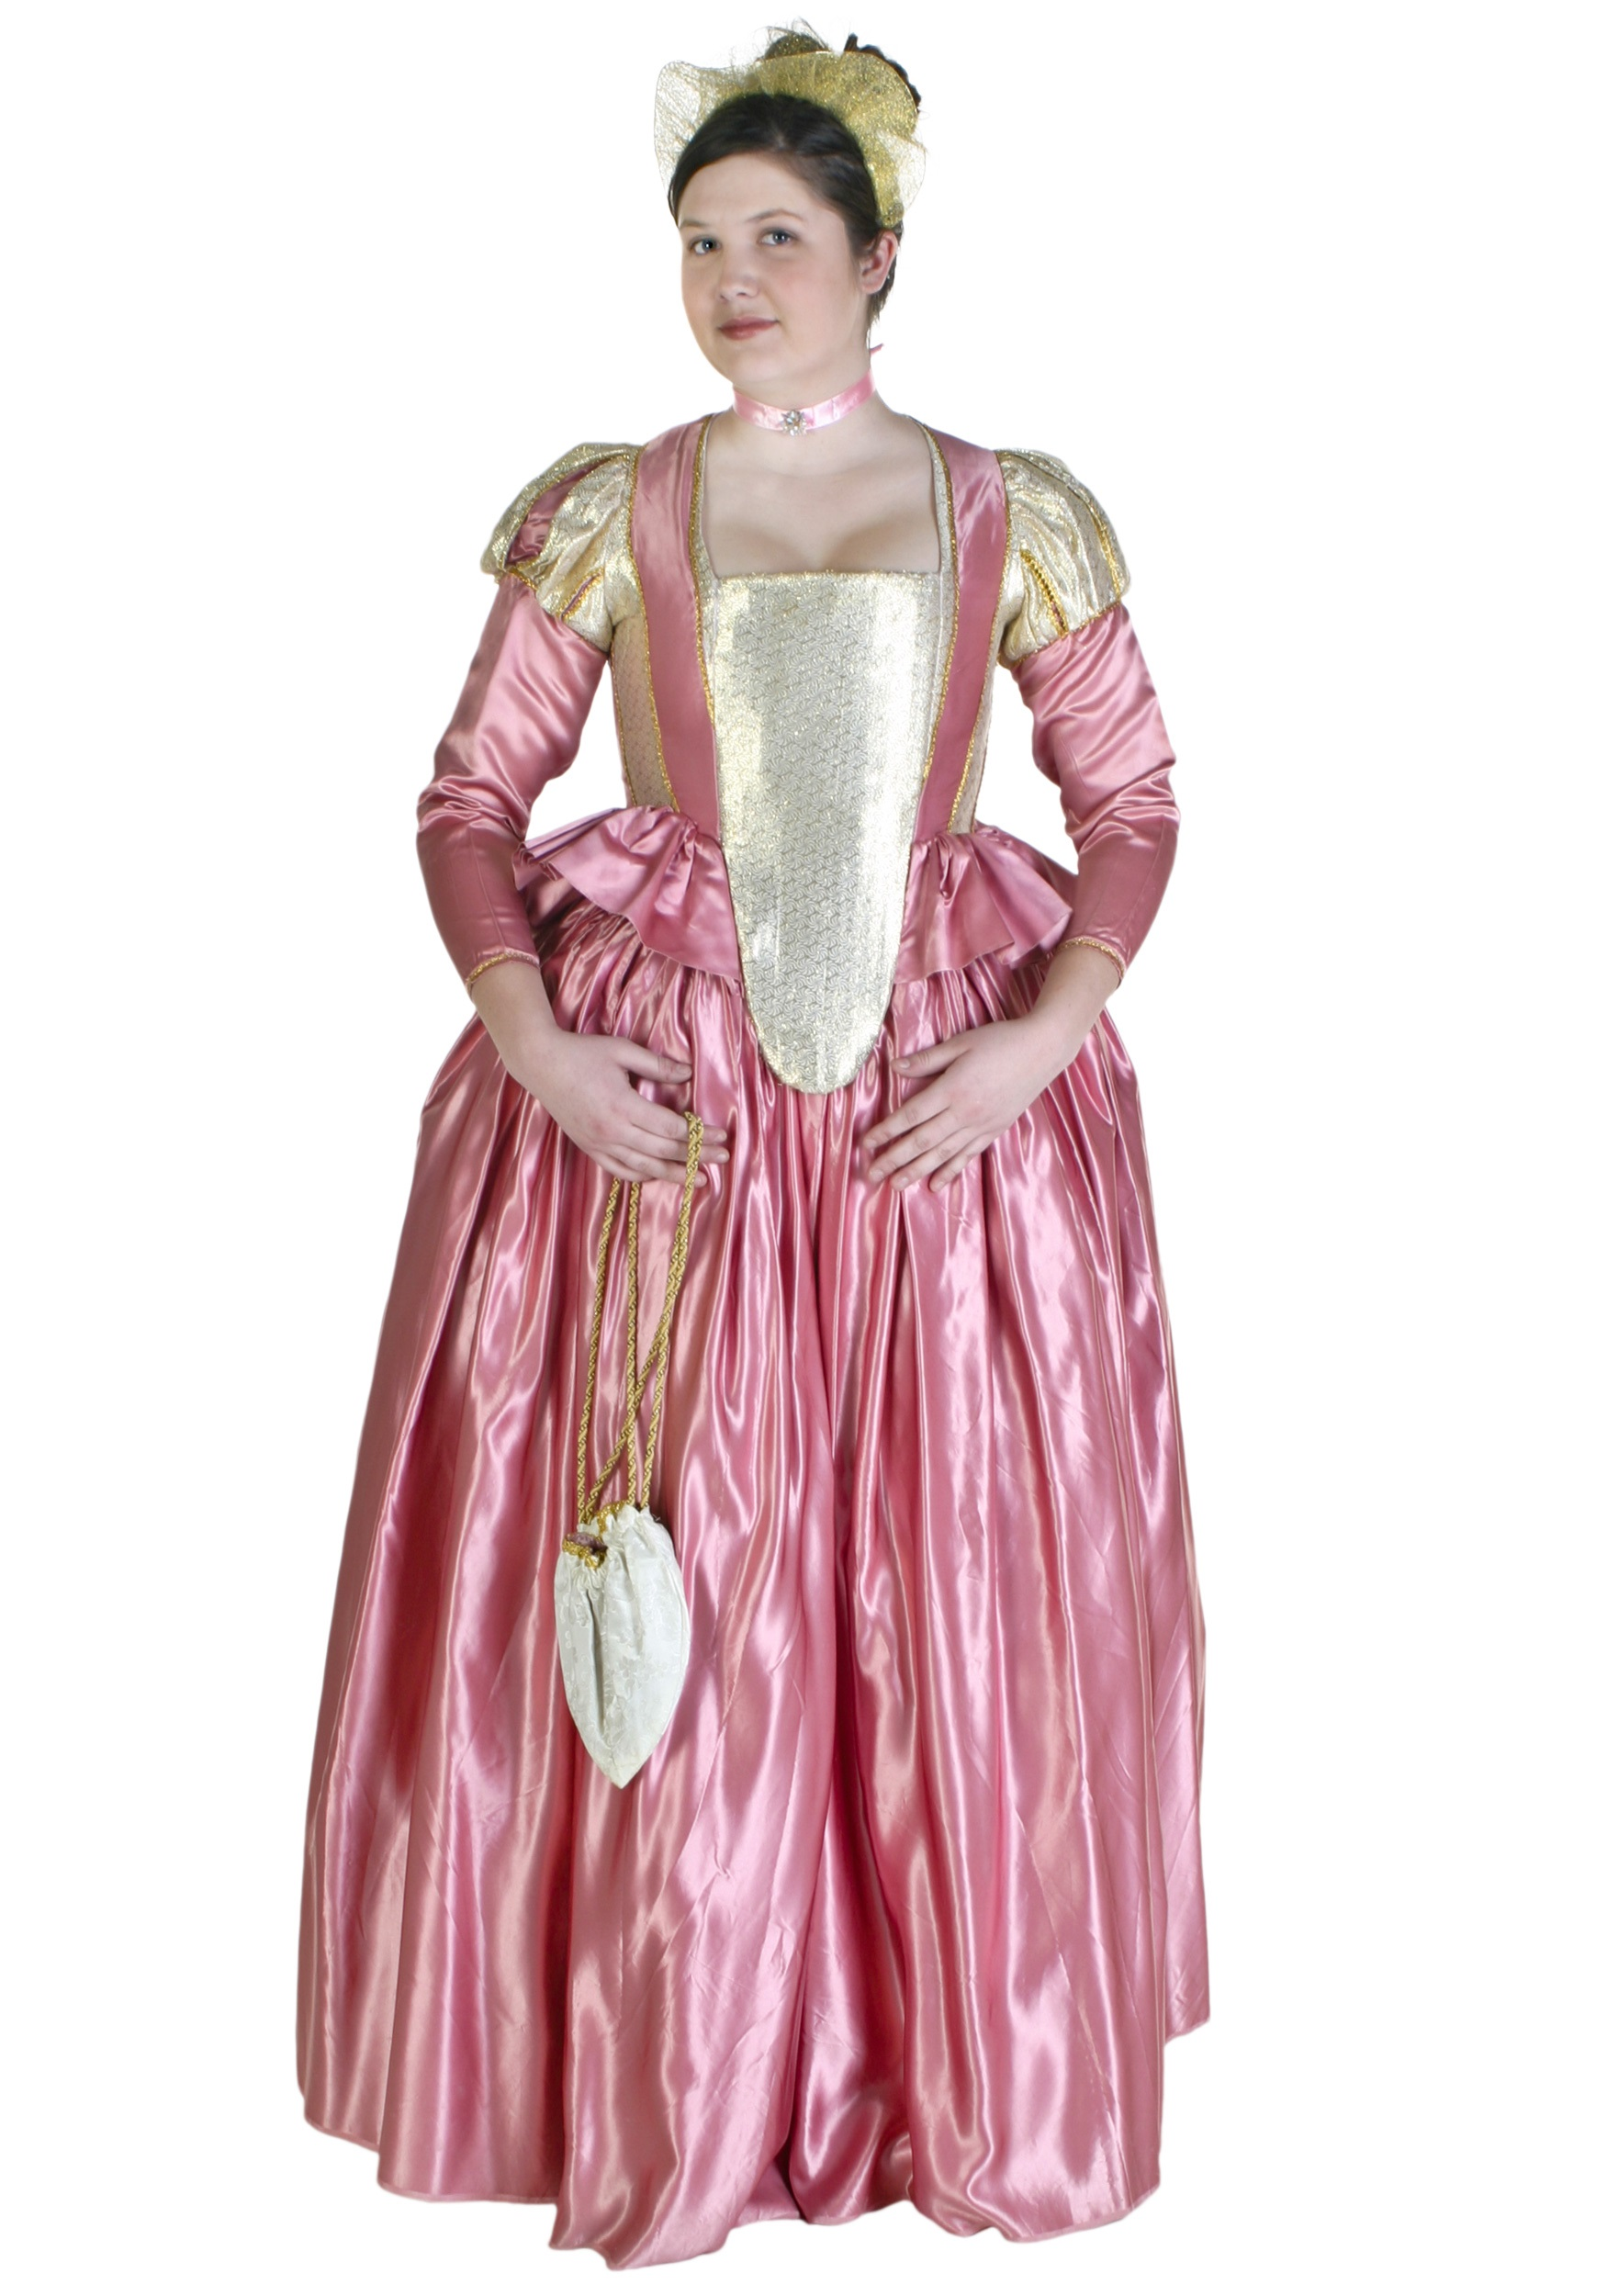 Elizabethan Gown Costume - Queen Elizabeth Costumes